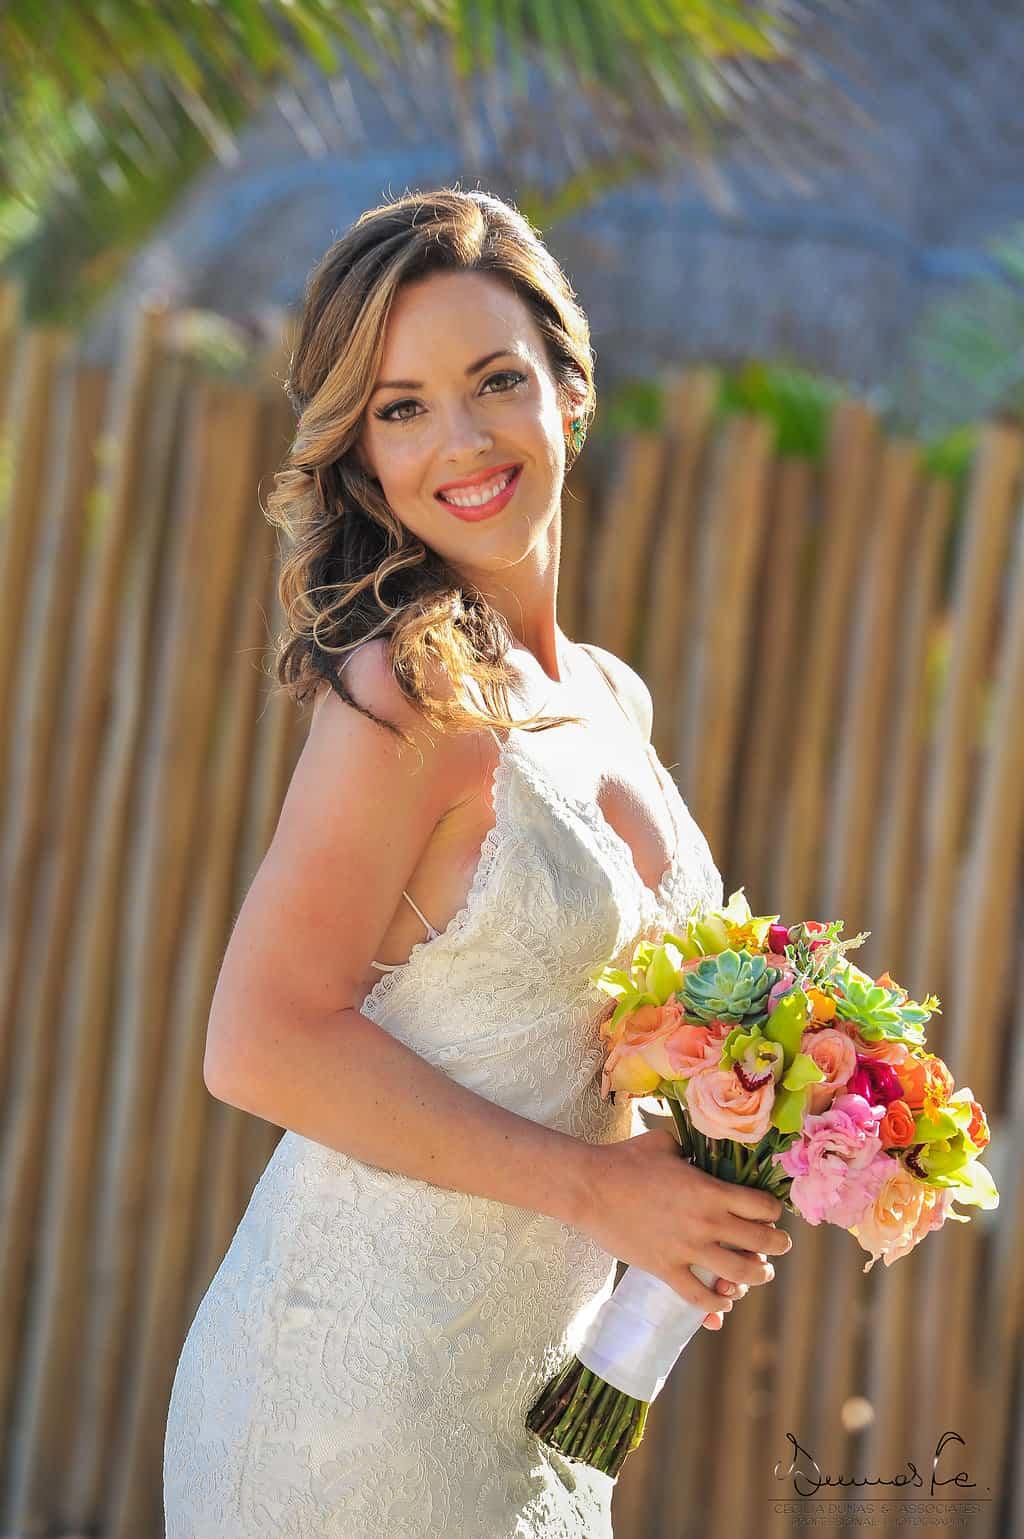 mahekalhotel-playadelcarmen-weddingphotography-lindseyalfredo50